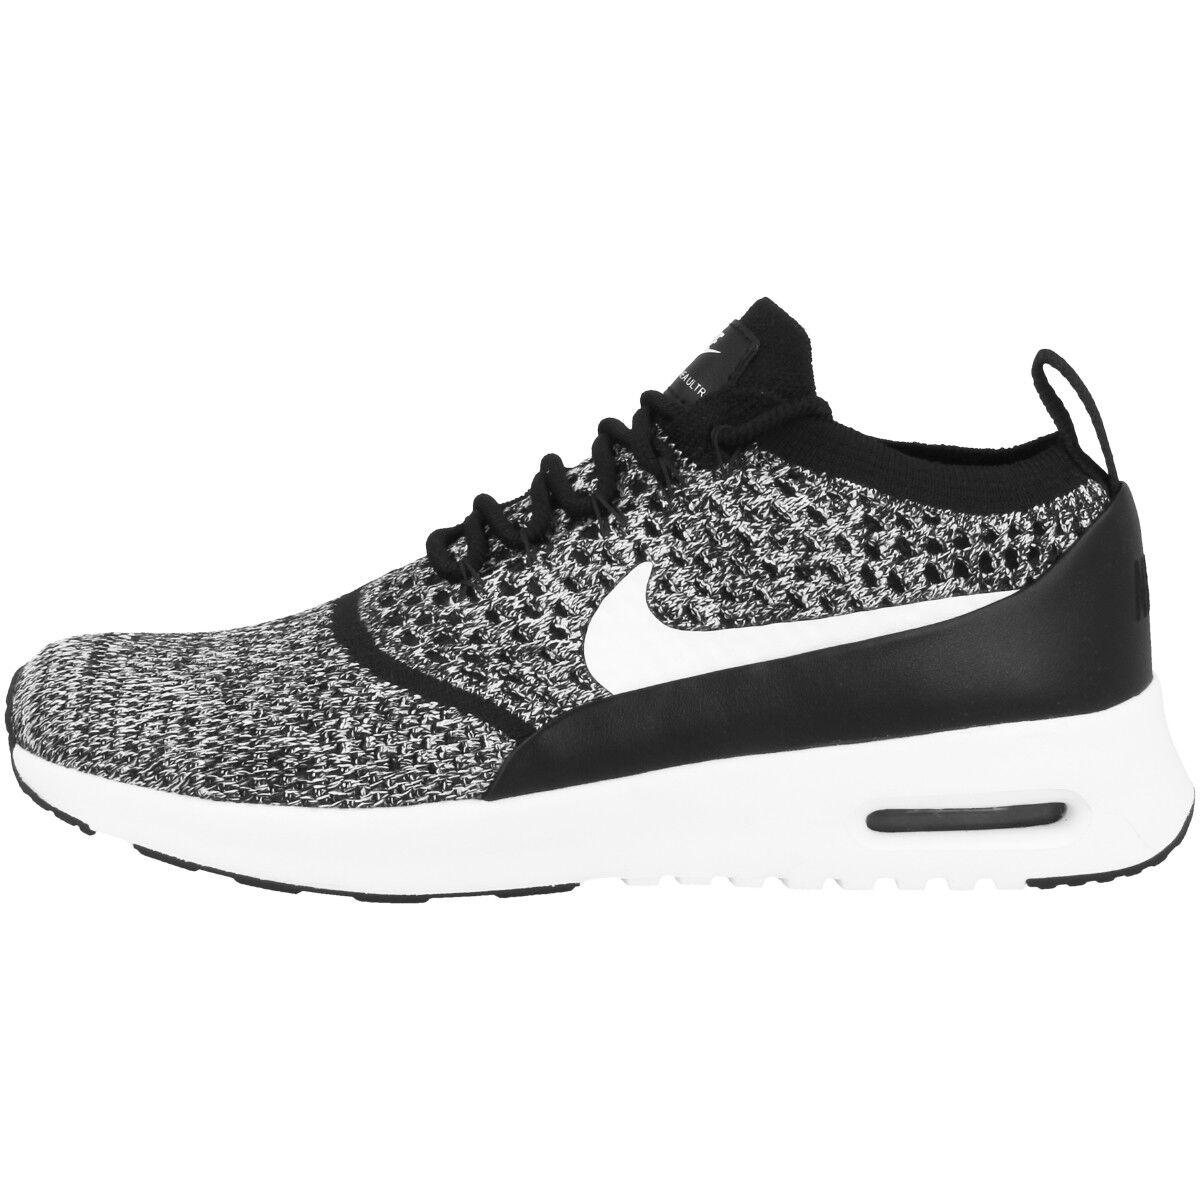 Los últimos zapatos de descuento para hombres y mujeres Nike Air Max Thea ultra flyknit Women zapatos zapatillas Black White 881175-001